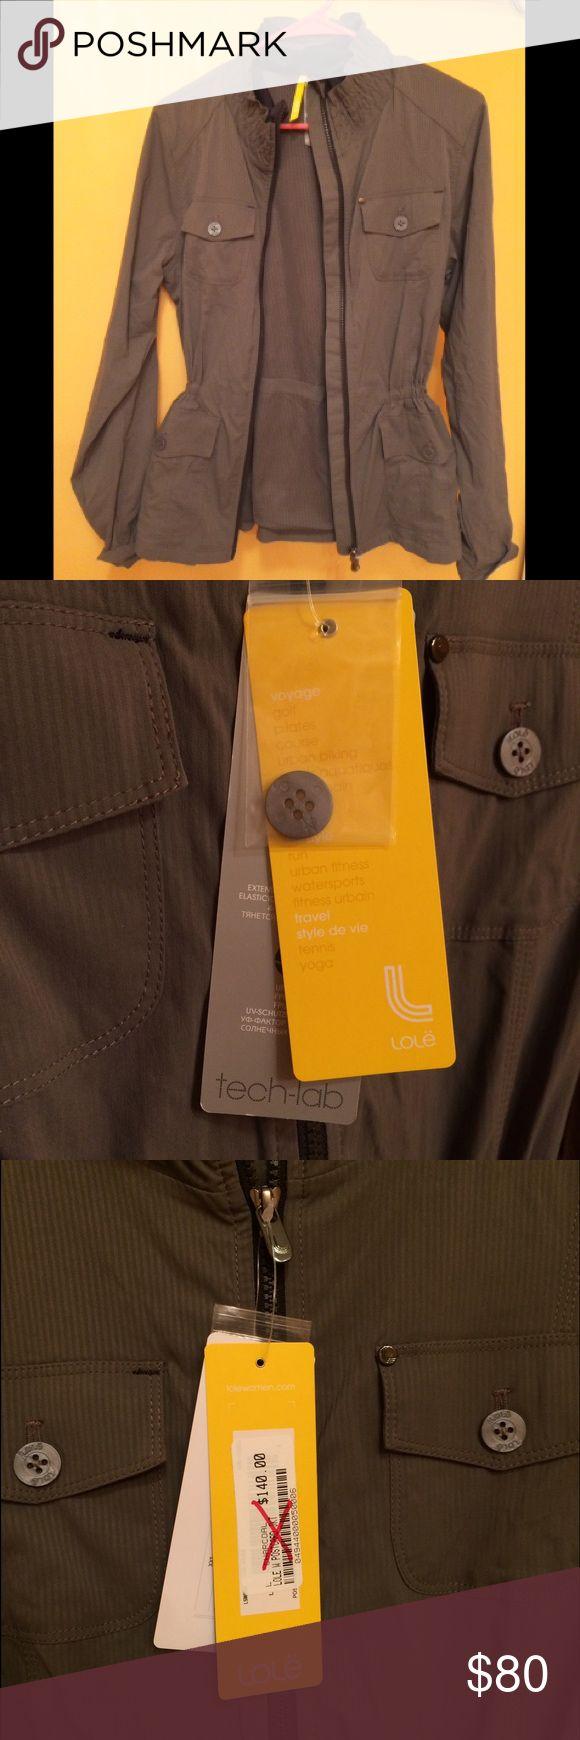 Lole jacket NWT gray. UPF 50. 95% nylon. Lole jacket NWT. Women's small. Never worn. drawstring waist. Gray with black zipper. Quick dry. 4 way stretch. UPF 50. 95% nylon. 5% elastane stretch. Lole Jackets & Coats